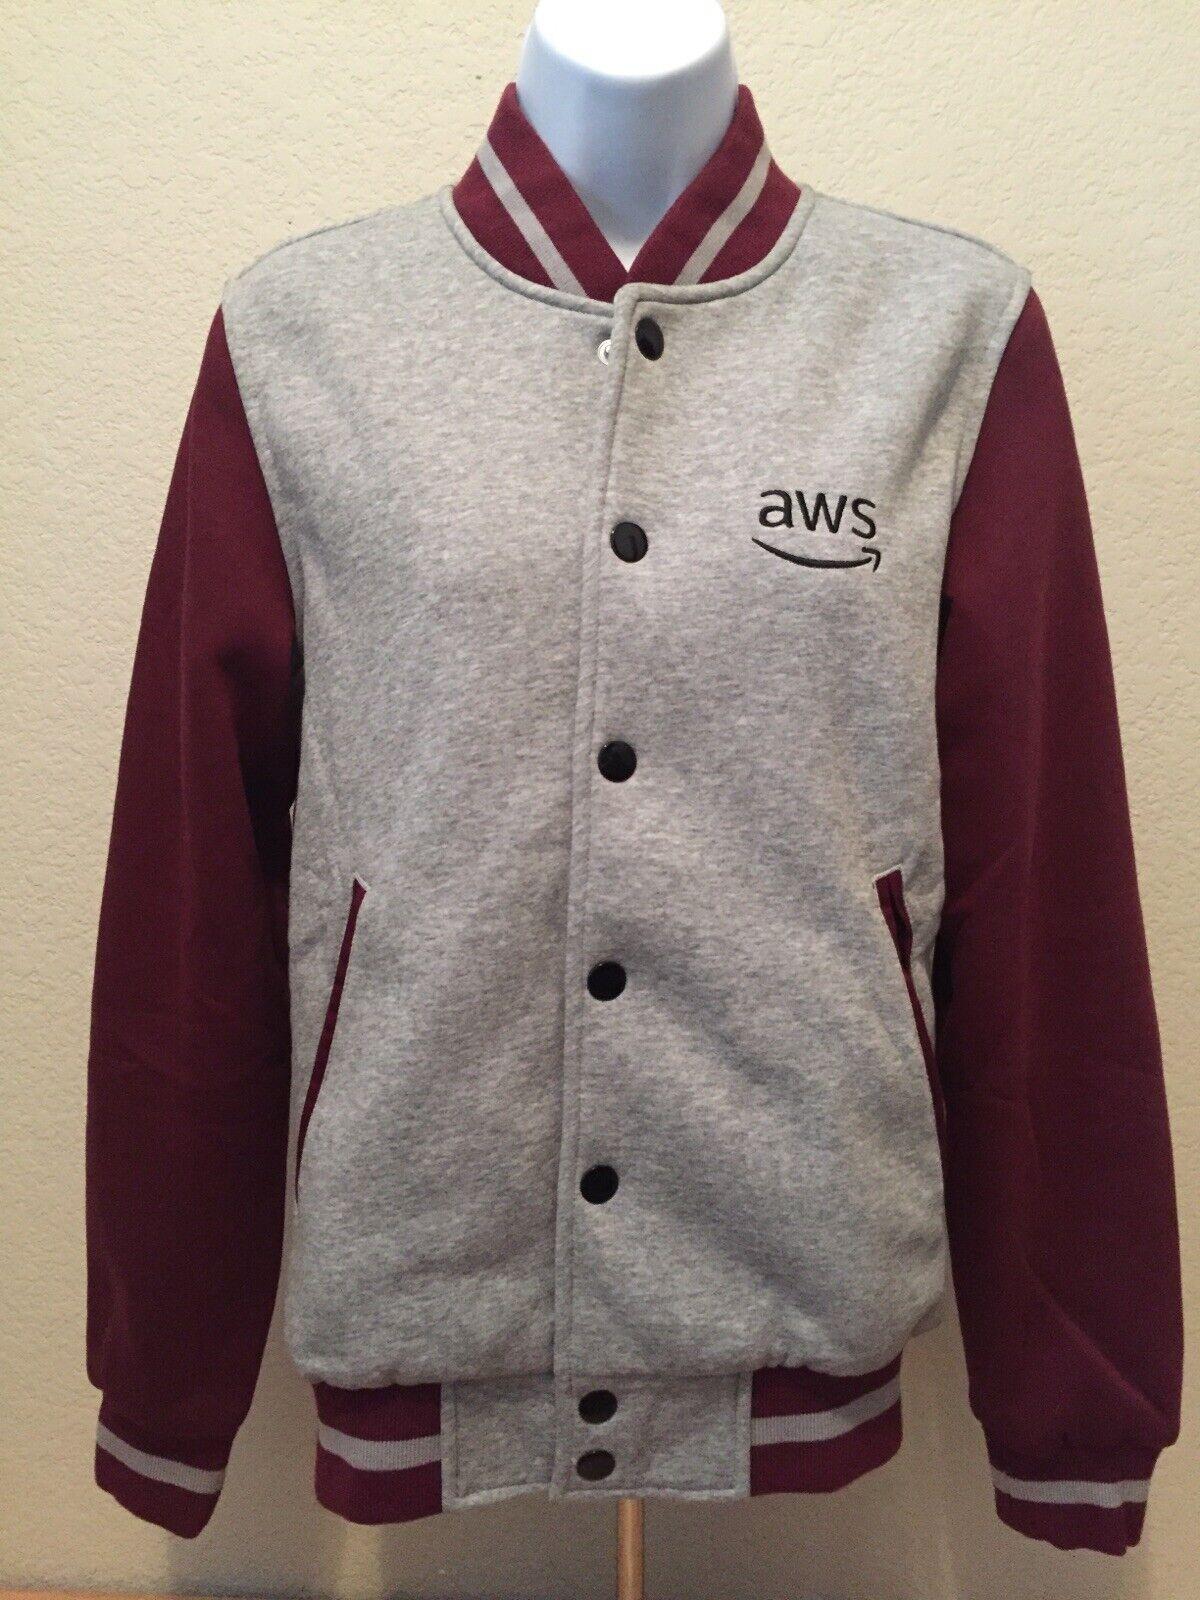 Amazon AWS Embroidered Logo Varsity Jacket Grey/Burgundy Women's 3XS NWOT